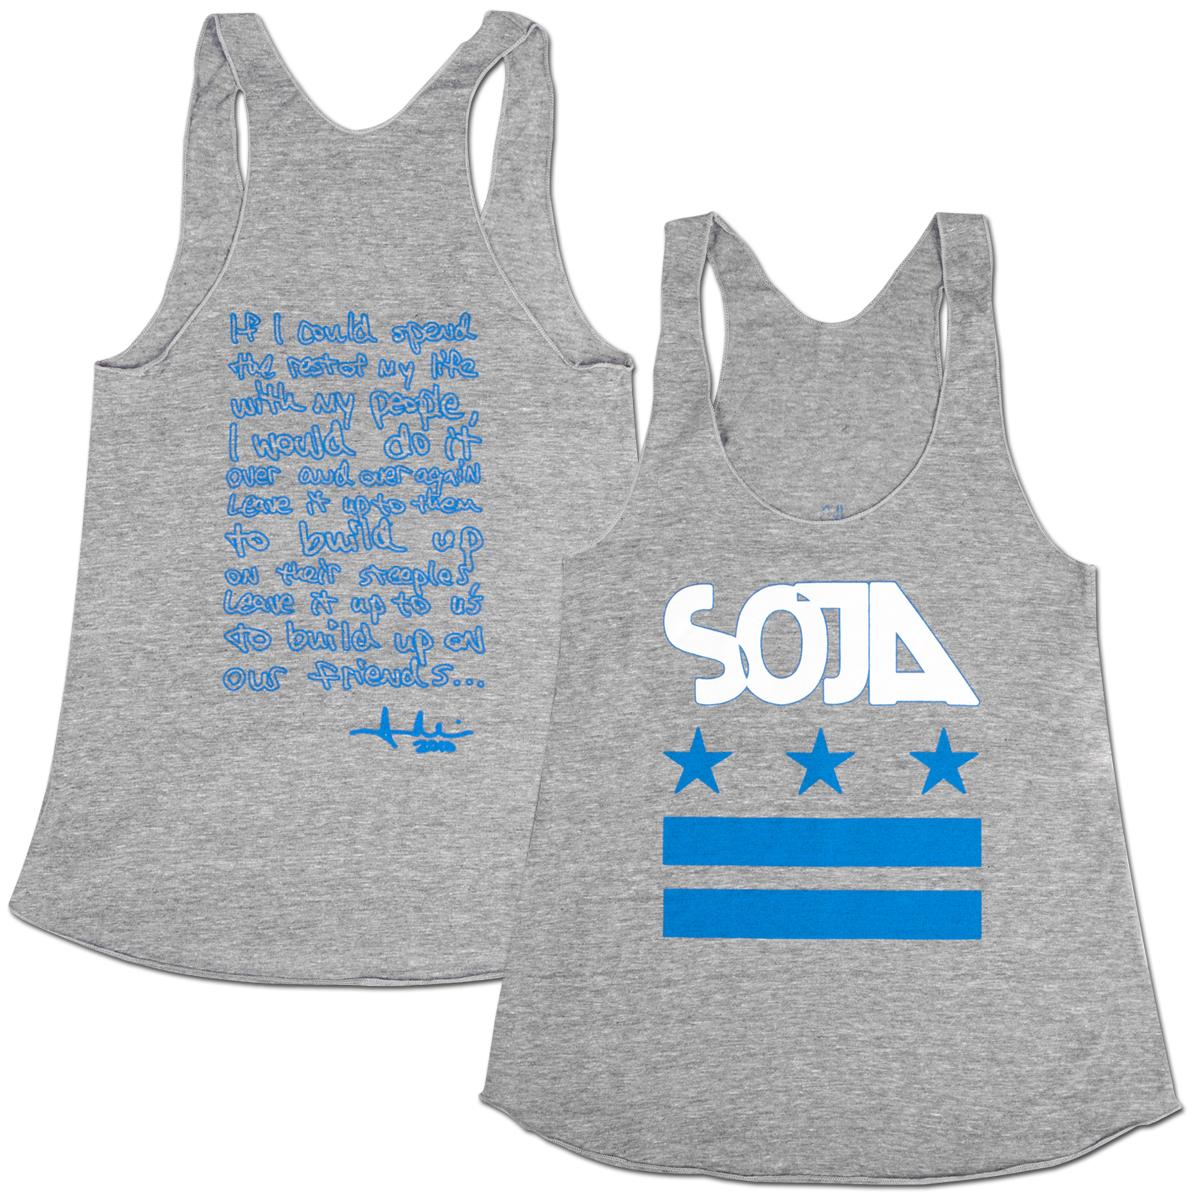 SOJA - Stars & Bars Tri-Grey Ladies Cut Tank